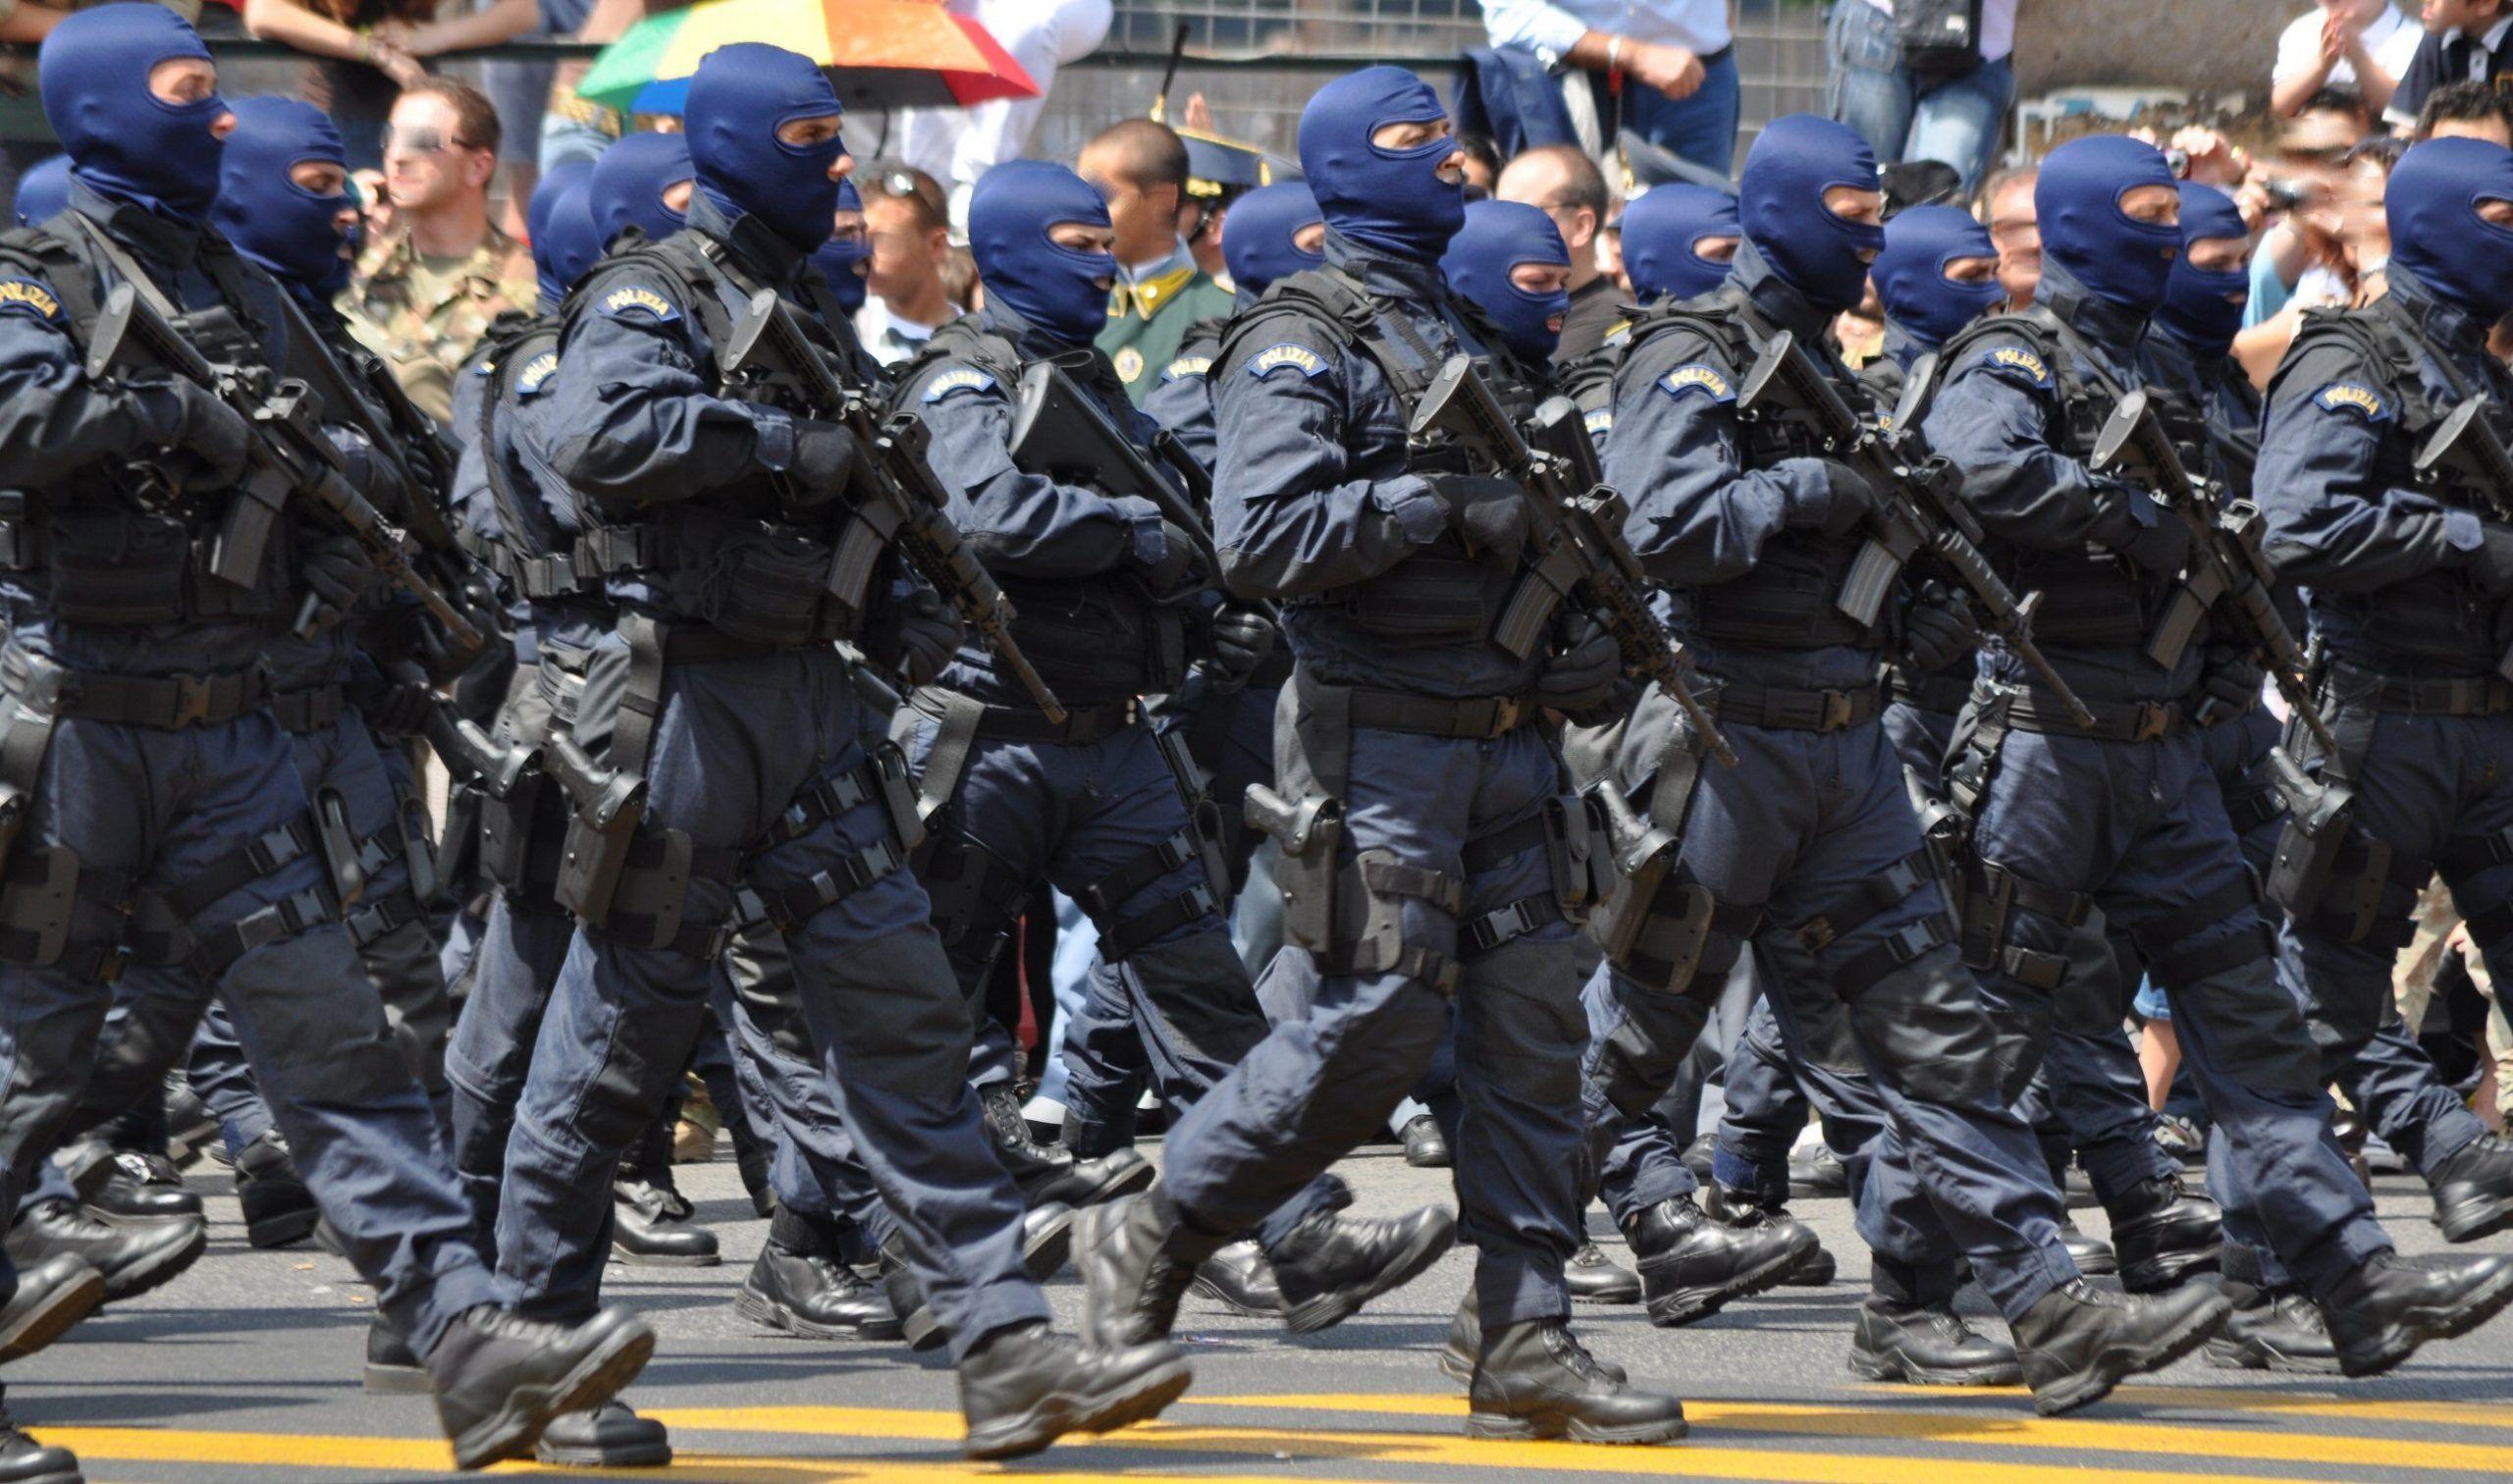 Collaboratori di giustizia, come funziona il programma di protezione?